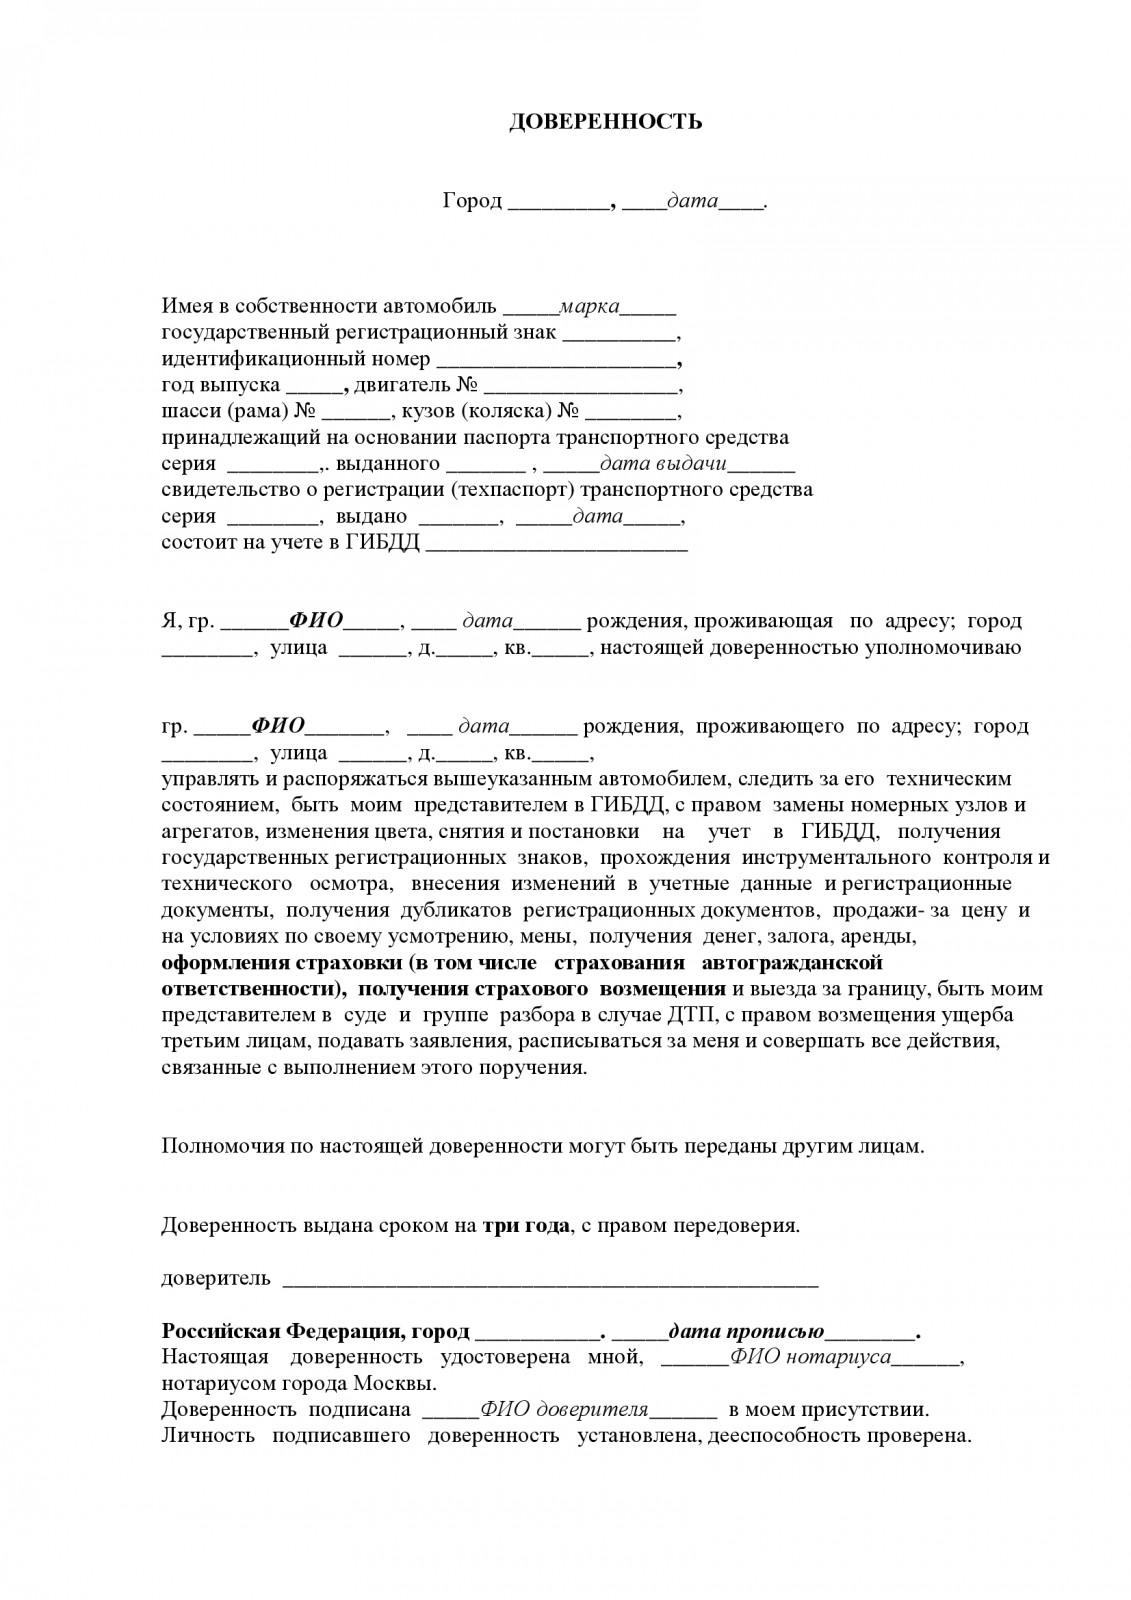 kak-sostavit-generalnuyu-doverennost-na-avtomobil-2